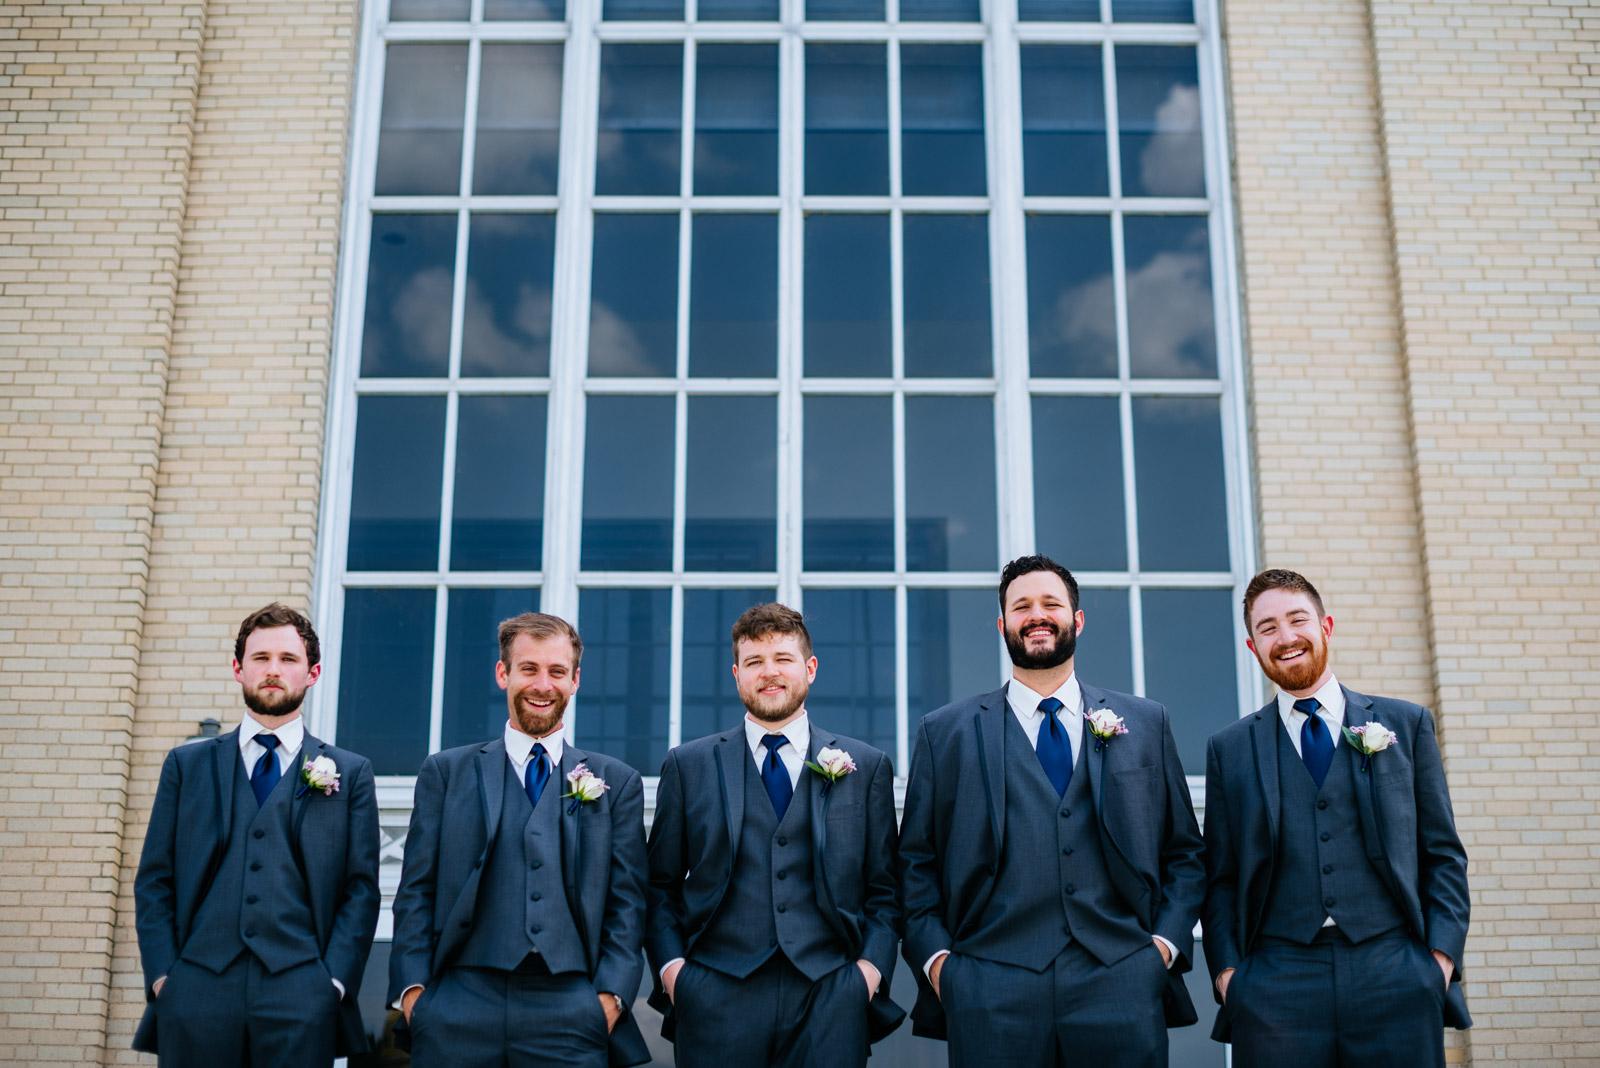 groomsmen at uc university of charleston